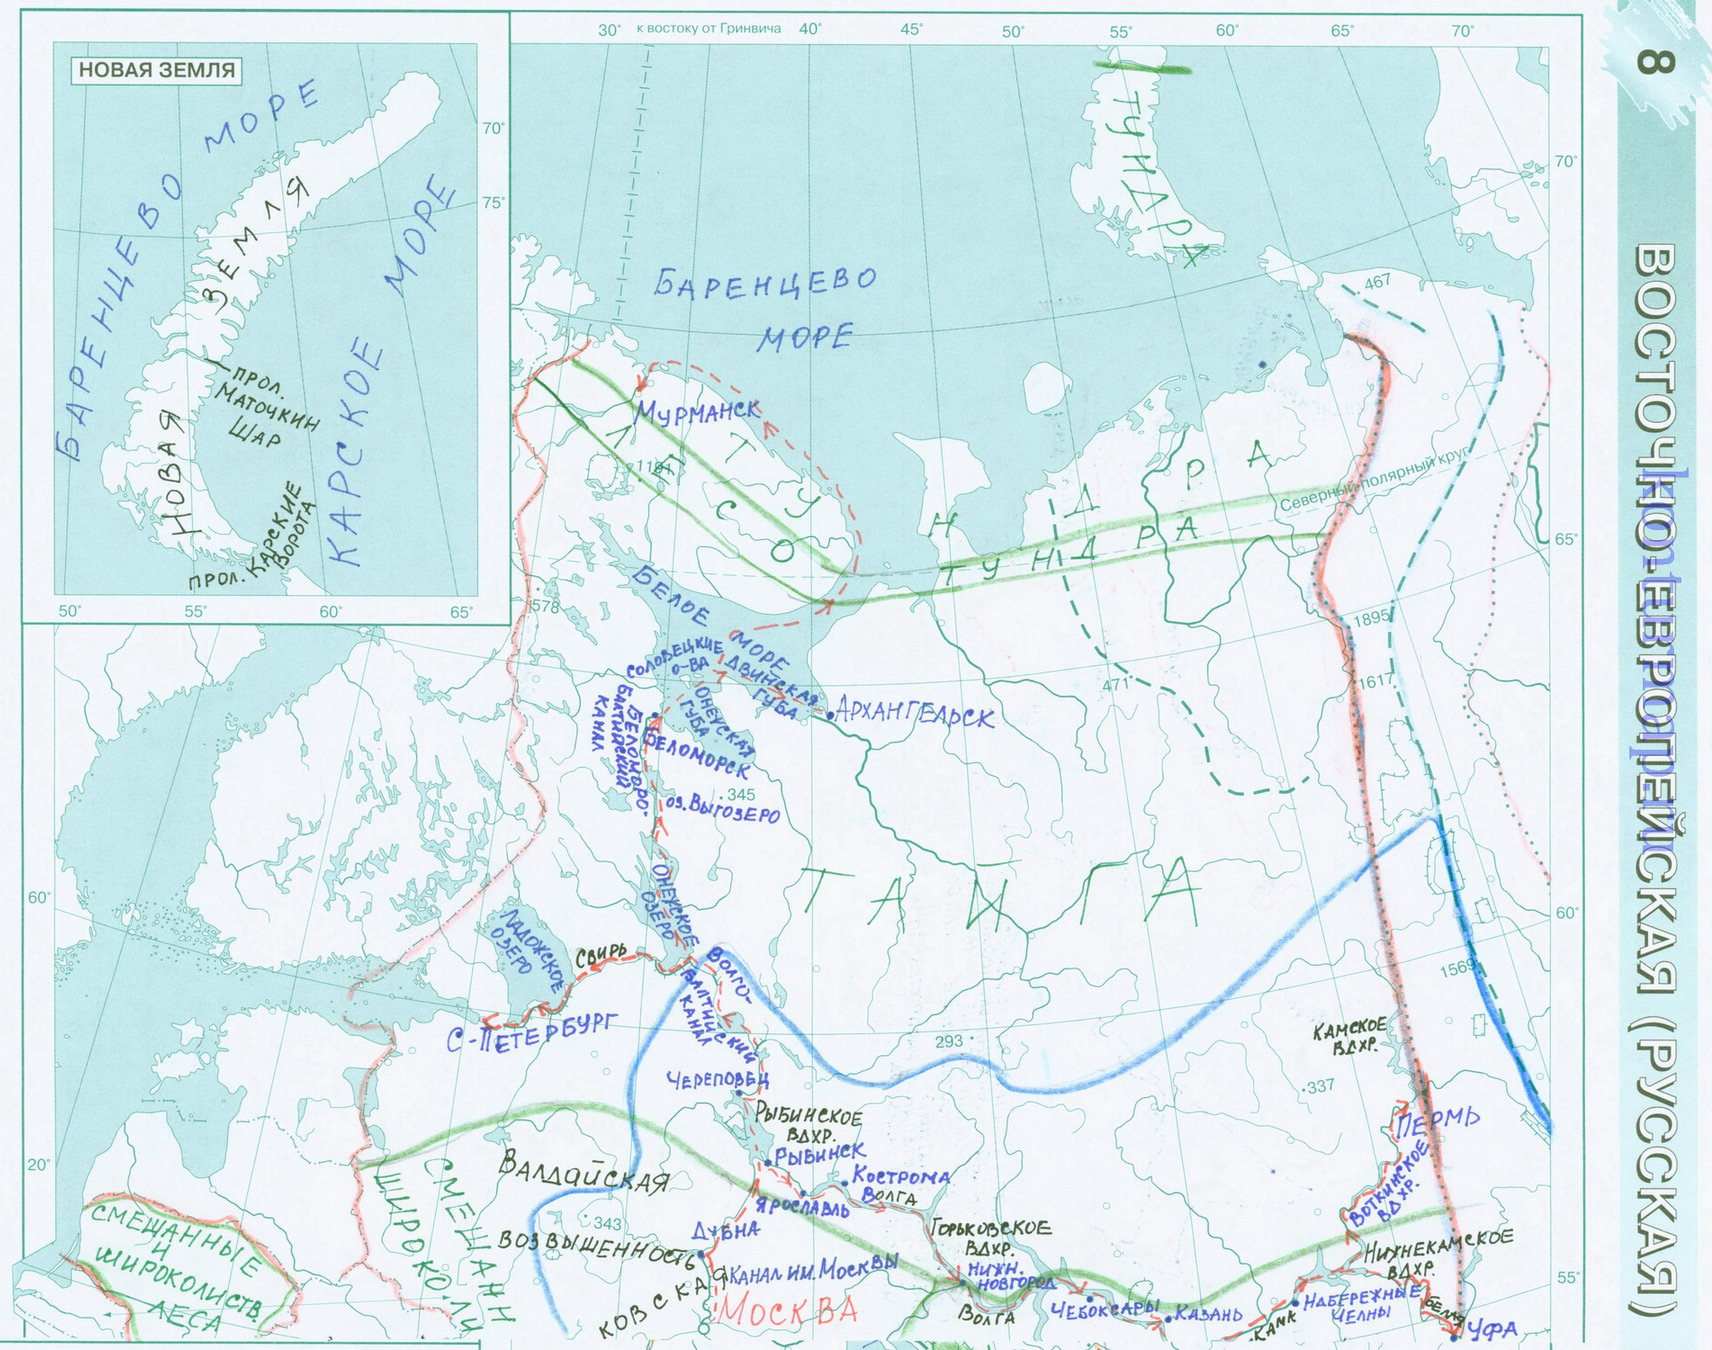 Делаем домашнее задание контурную карту по географии 8 класса пауночно ледовитый океан